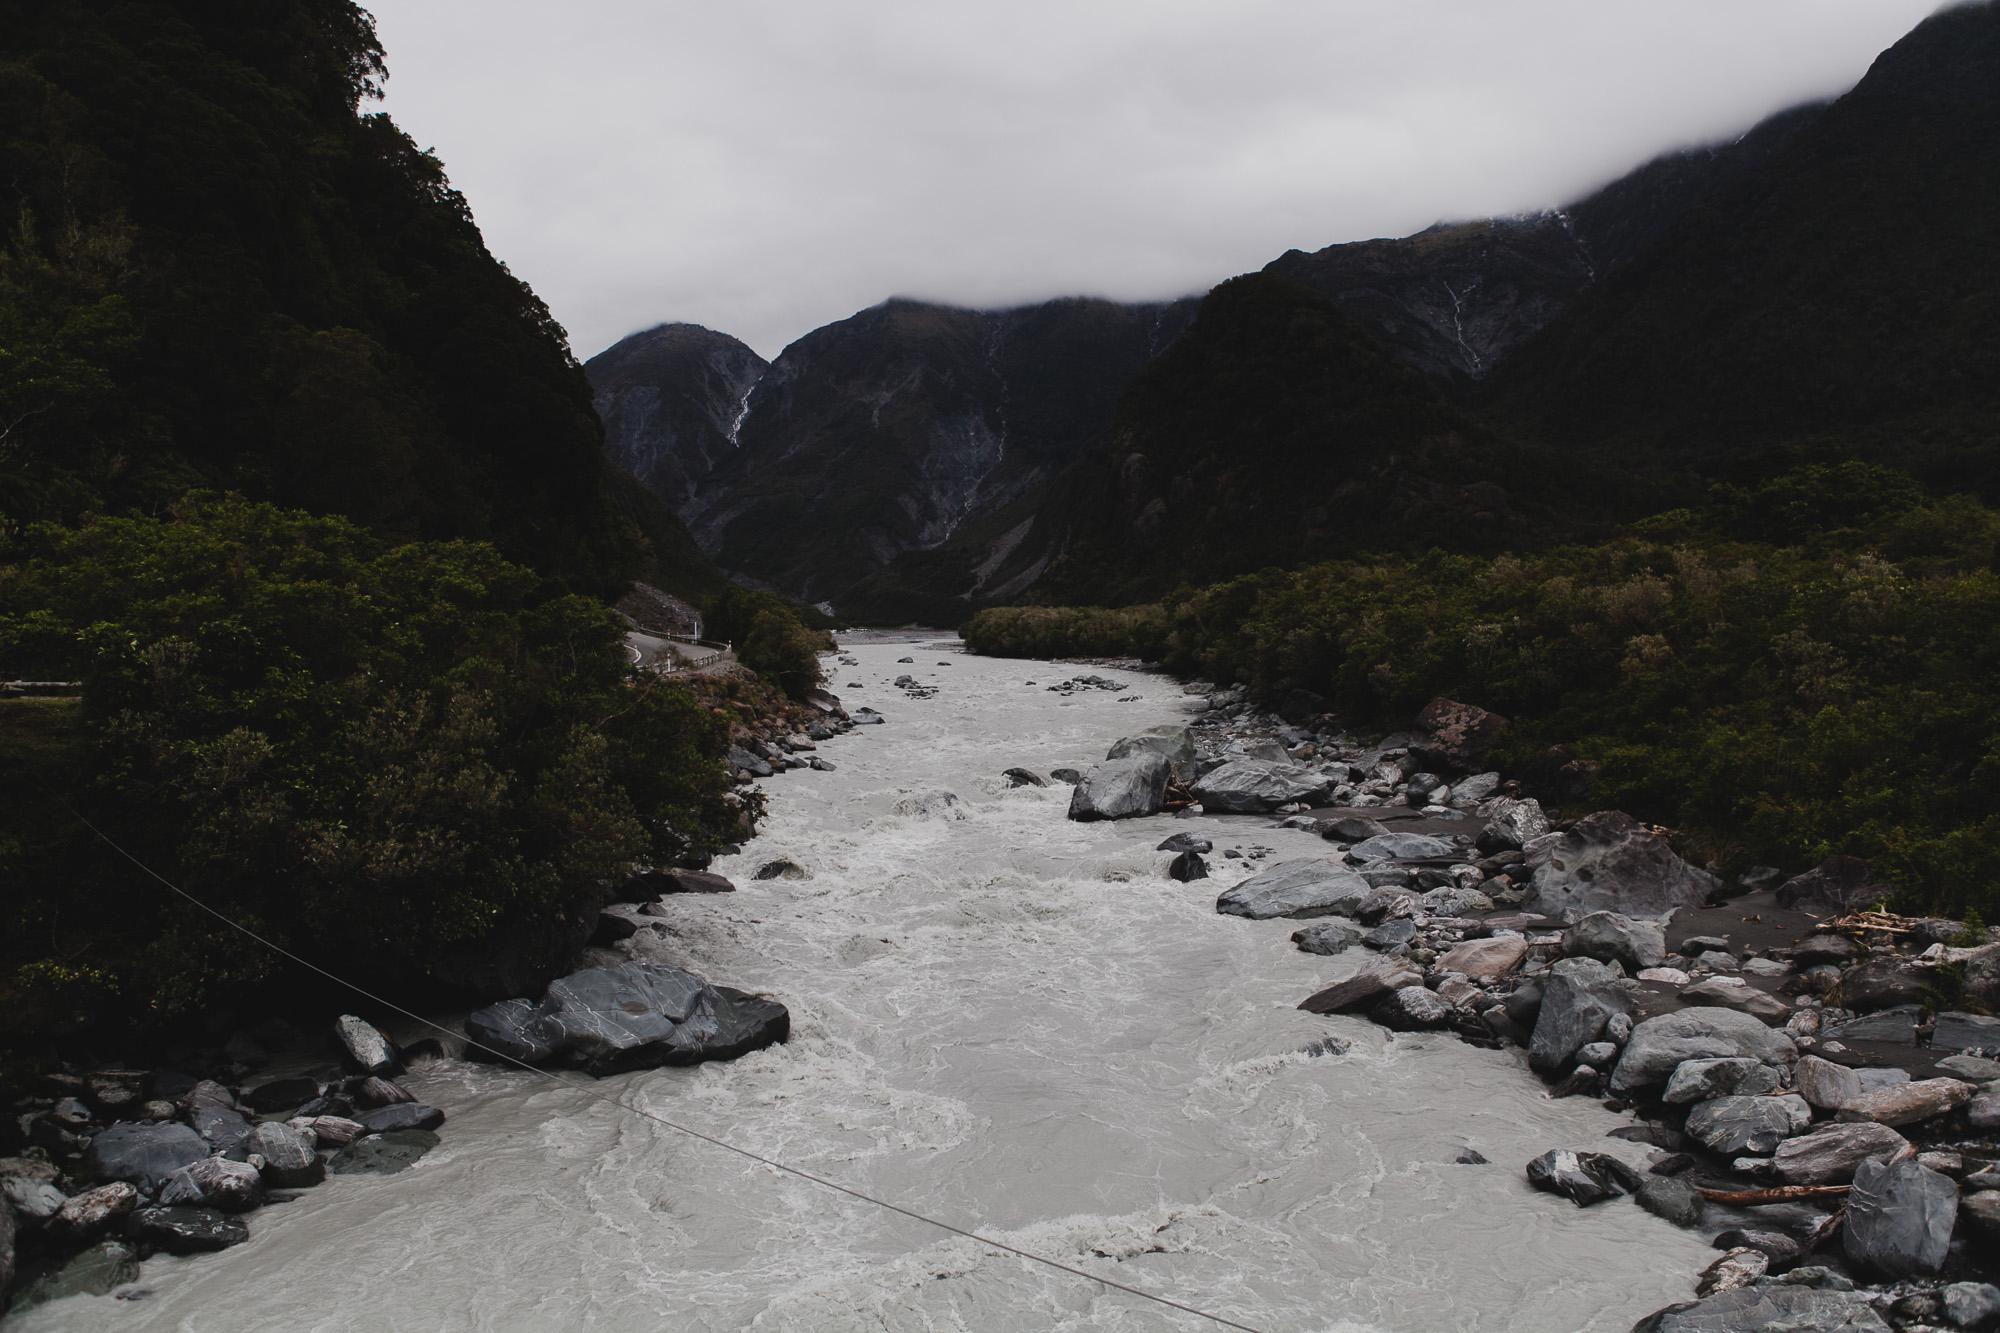 fox-glacier-new-zealand-travel-diary-jysla-kay-003